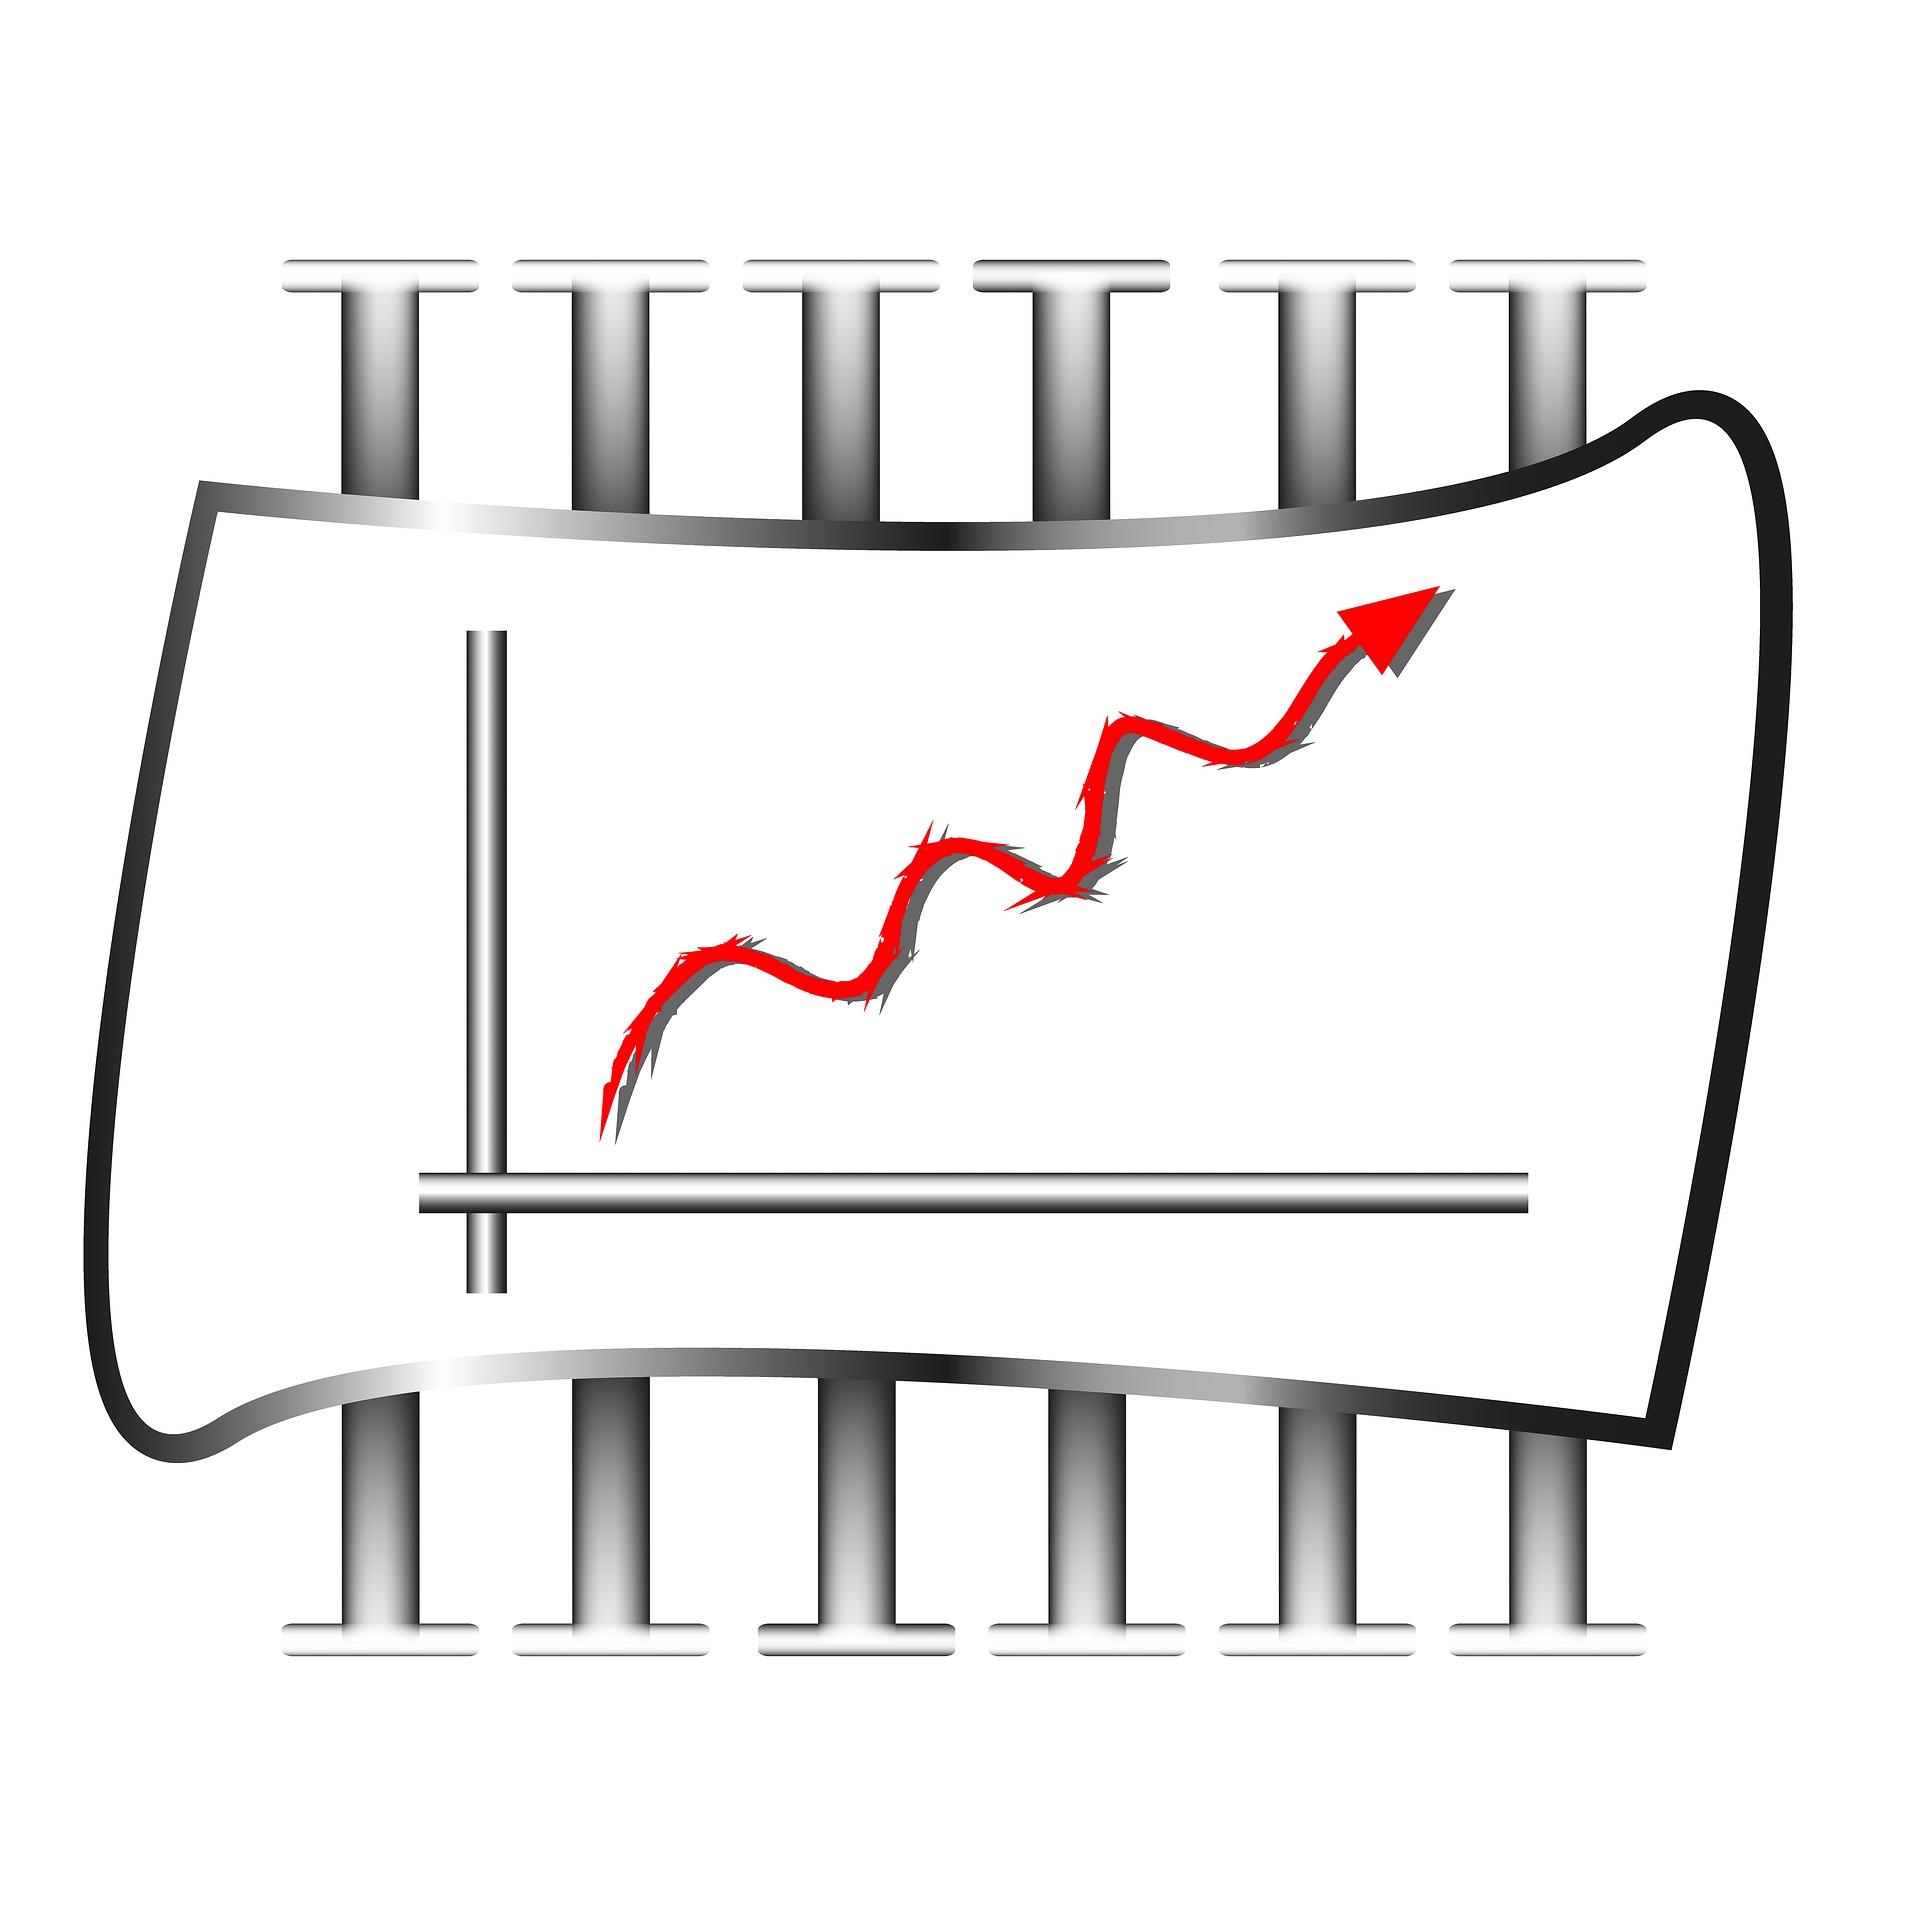 האם העסק שלך בדרך להצלחה? מדריך להגדרת מדדי ביצוע לעסק